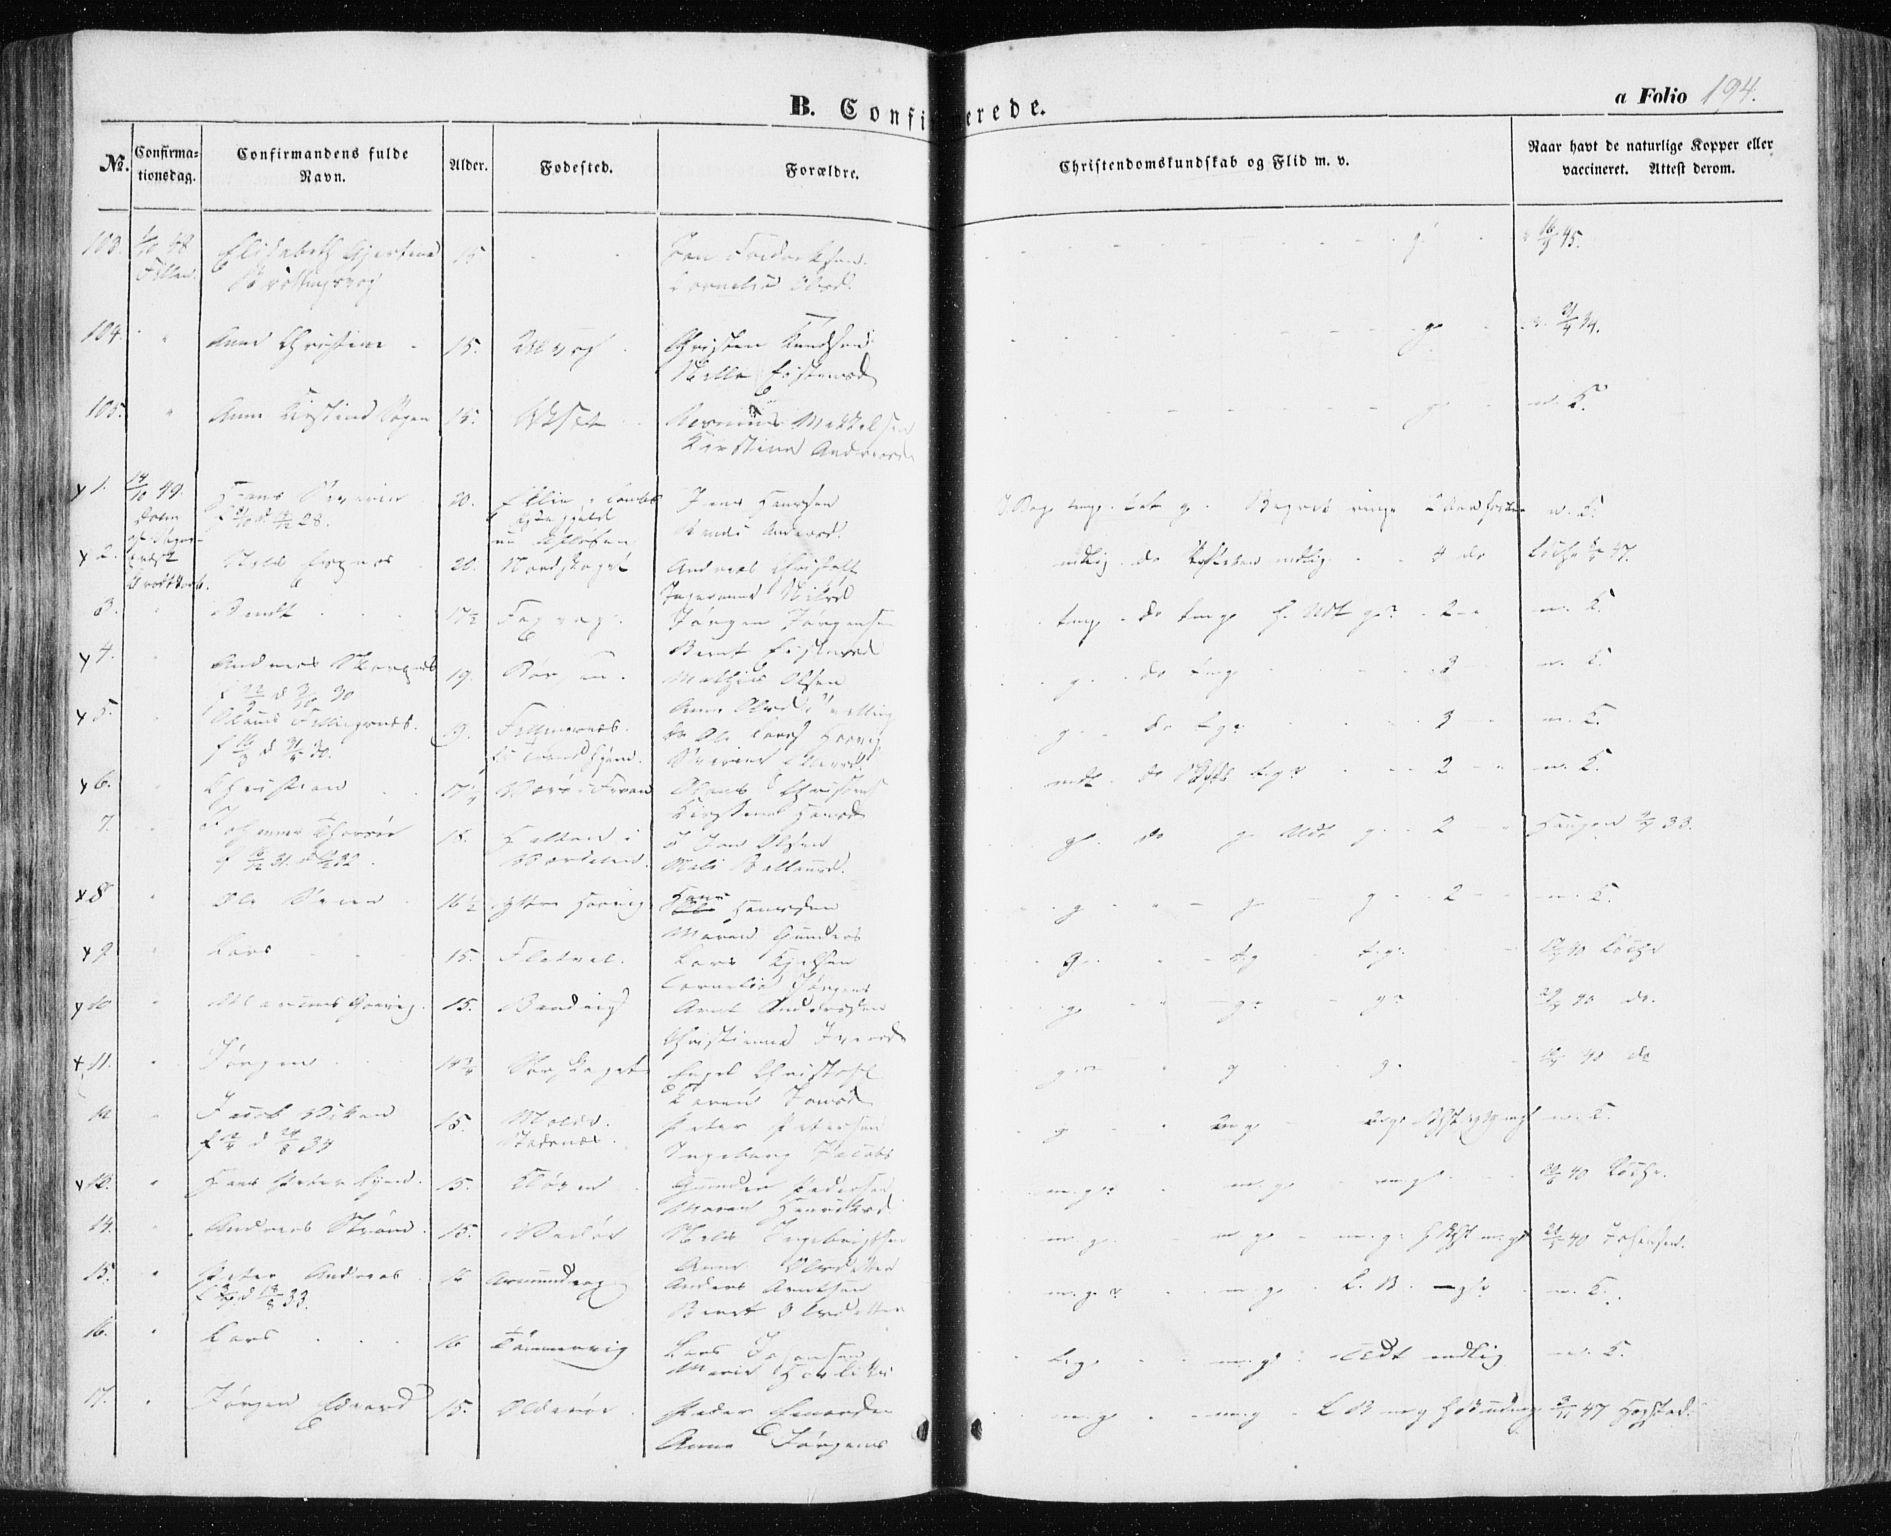 SAT, Ministerialprotokoller, klokkerbøker og fødselsregistre - Sør-Trøndelag, 634/L0529: Ministerialbok nr. 634A05, 1843-1851, s. 194